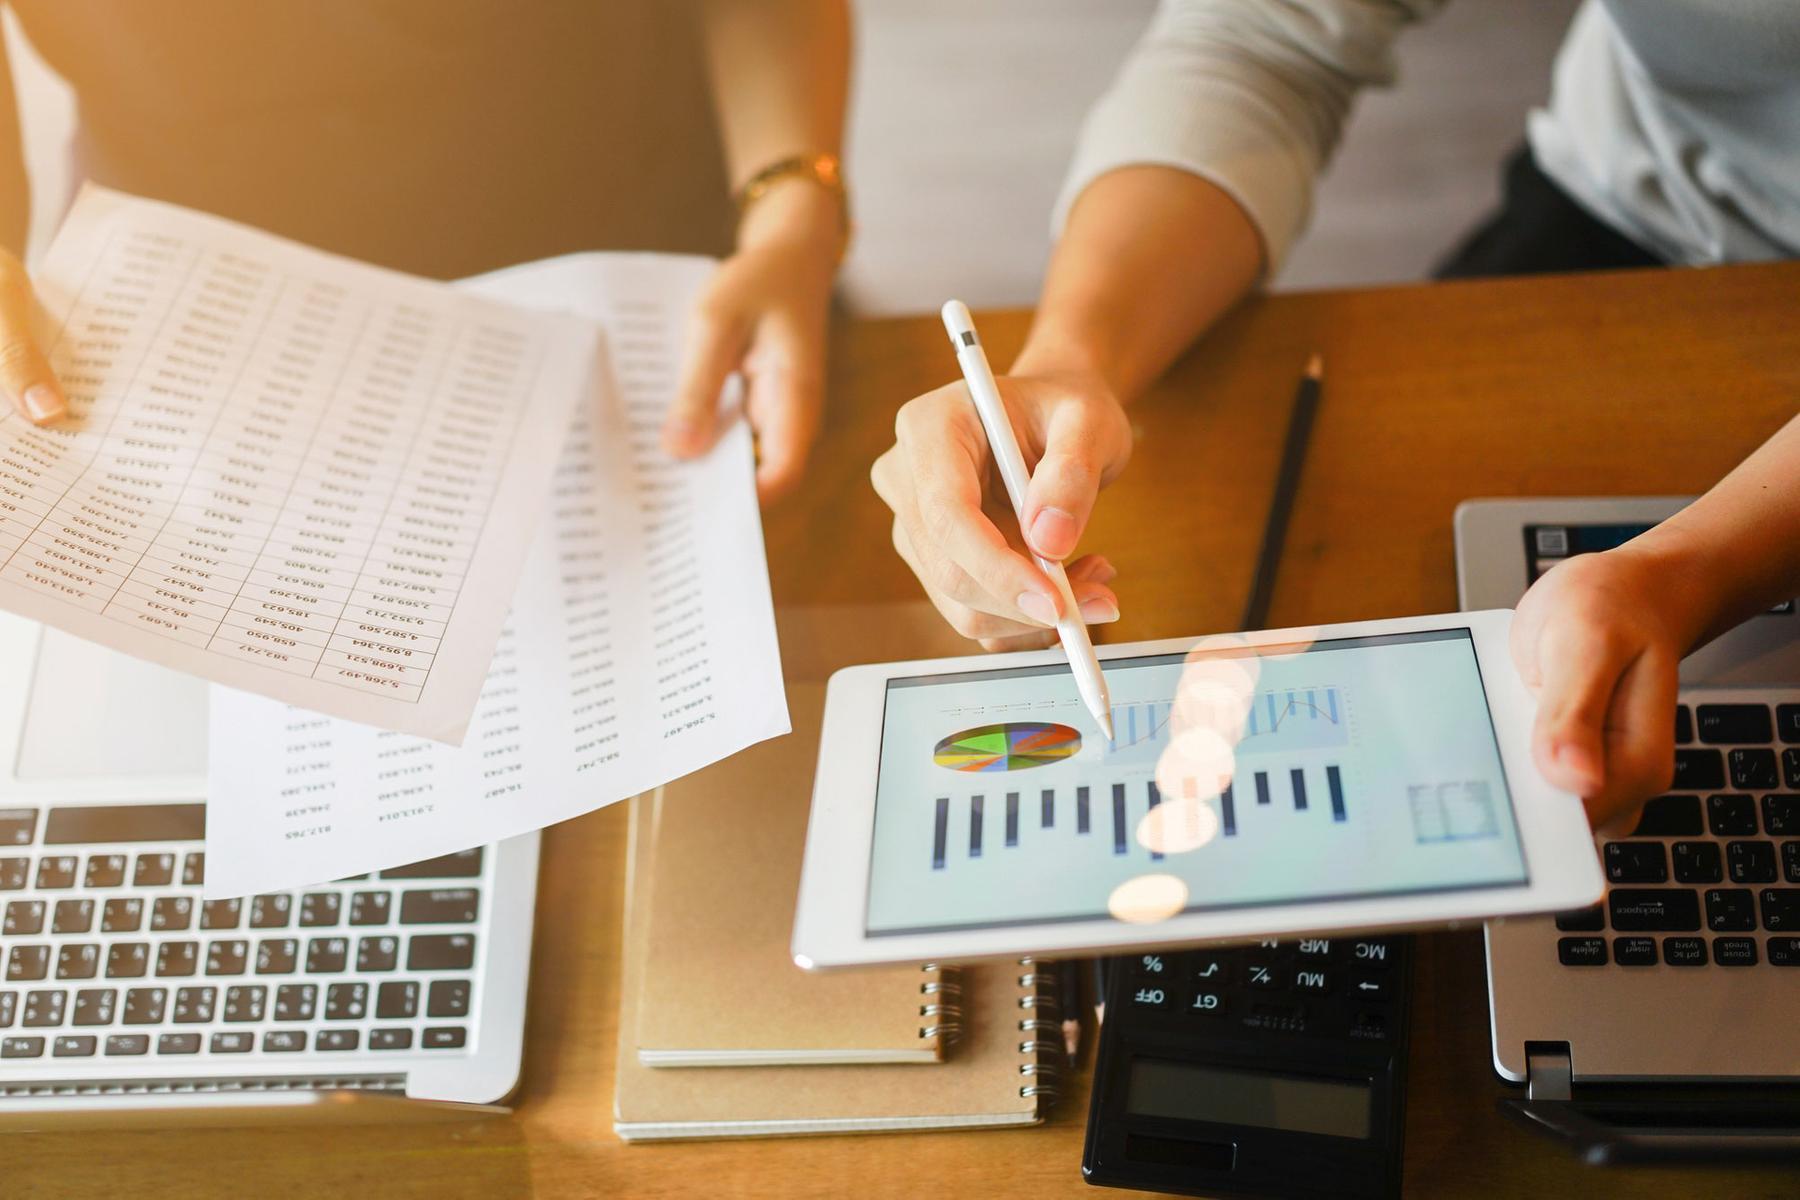 Tablet mit Auswertungsapp, Schreibtisch mit Laptops